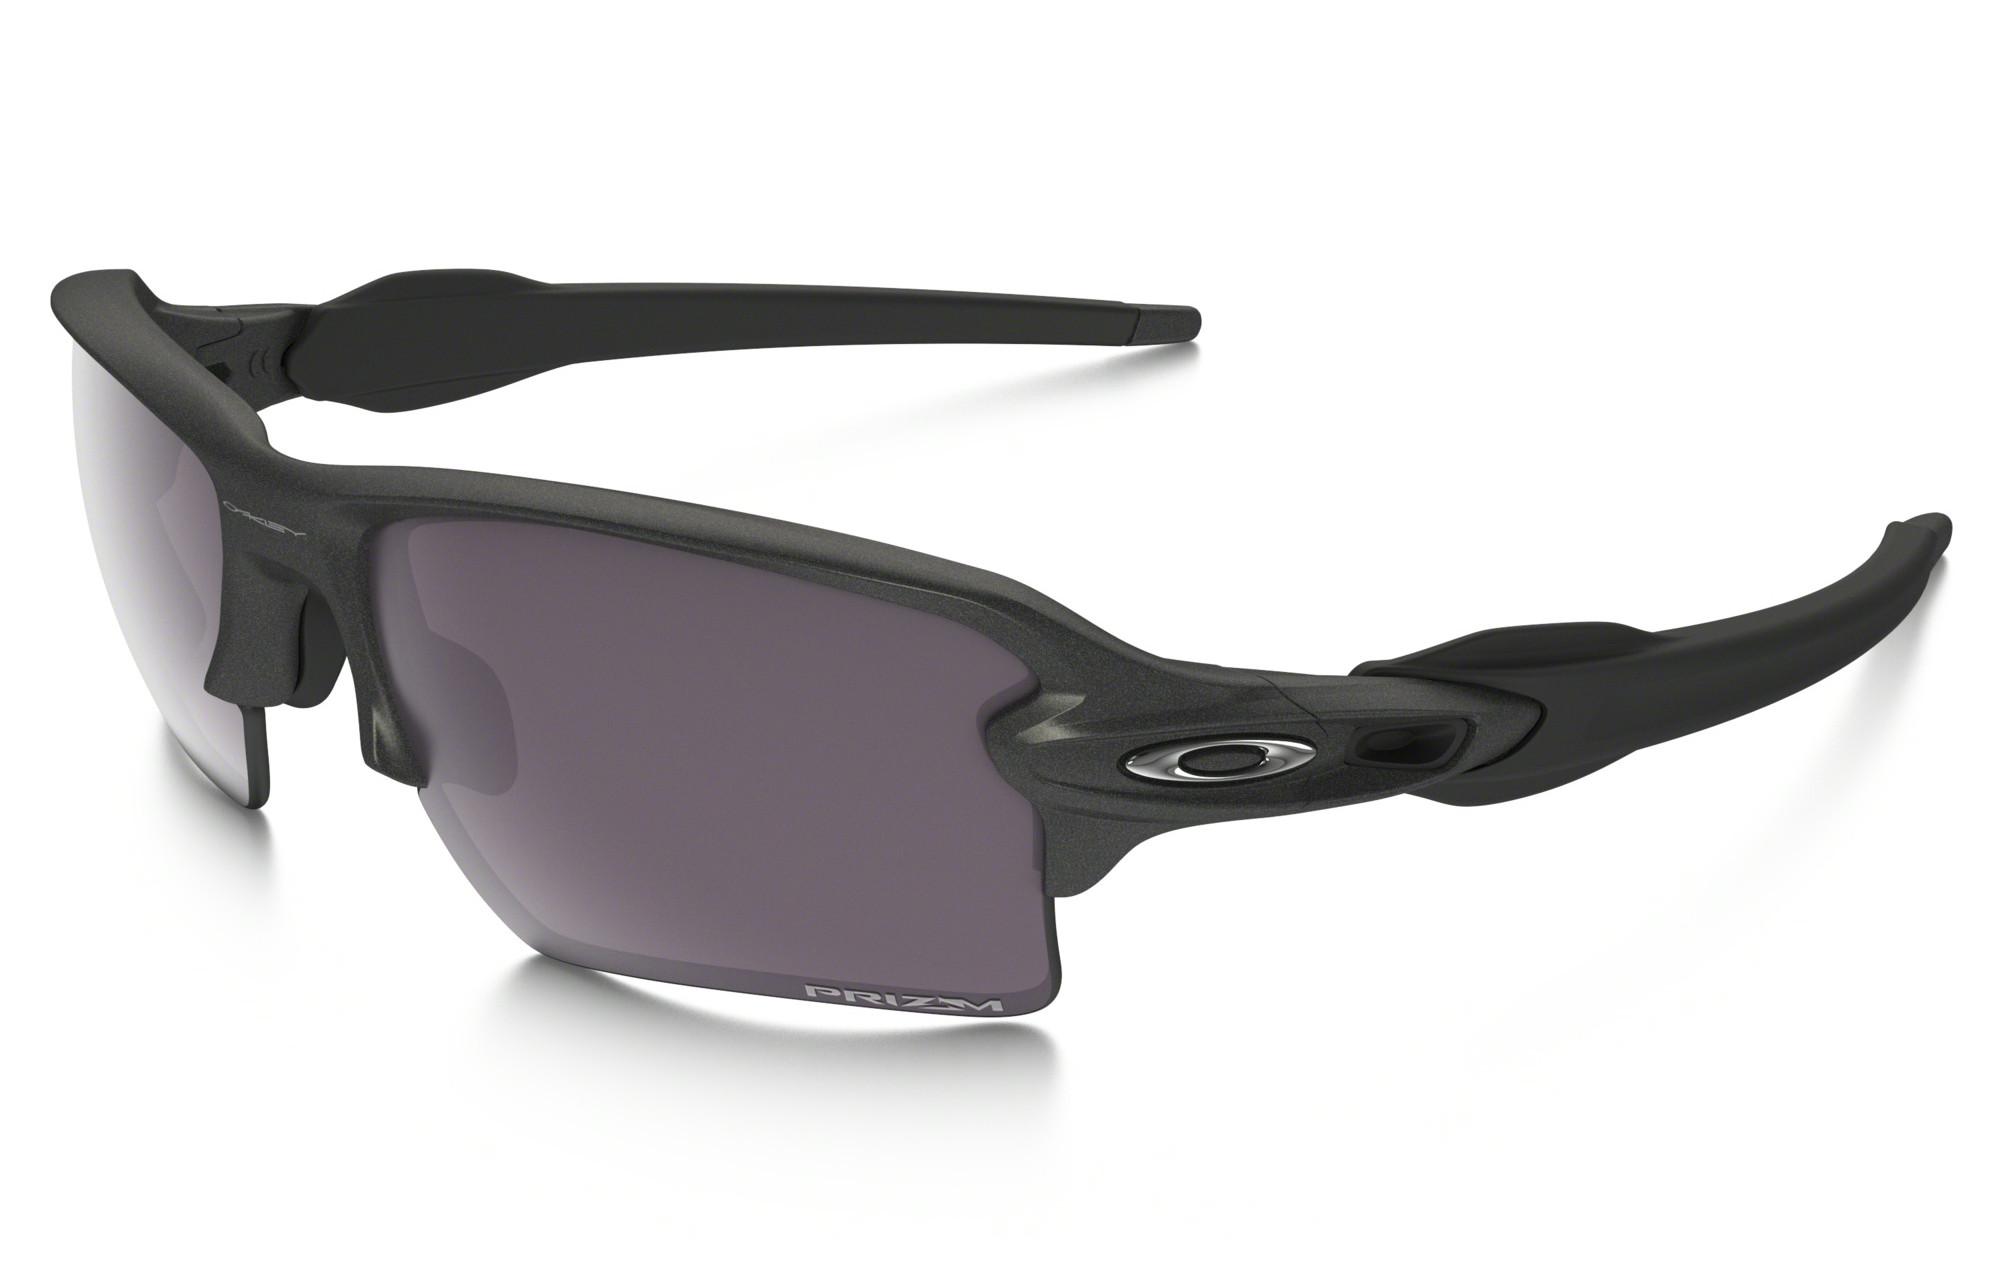 8a3307a3f9 OAKLEY FLAK 2.0 XL Sunglasses Black - Grey Prizm Daily Polarized Ref  OO9188-60